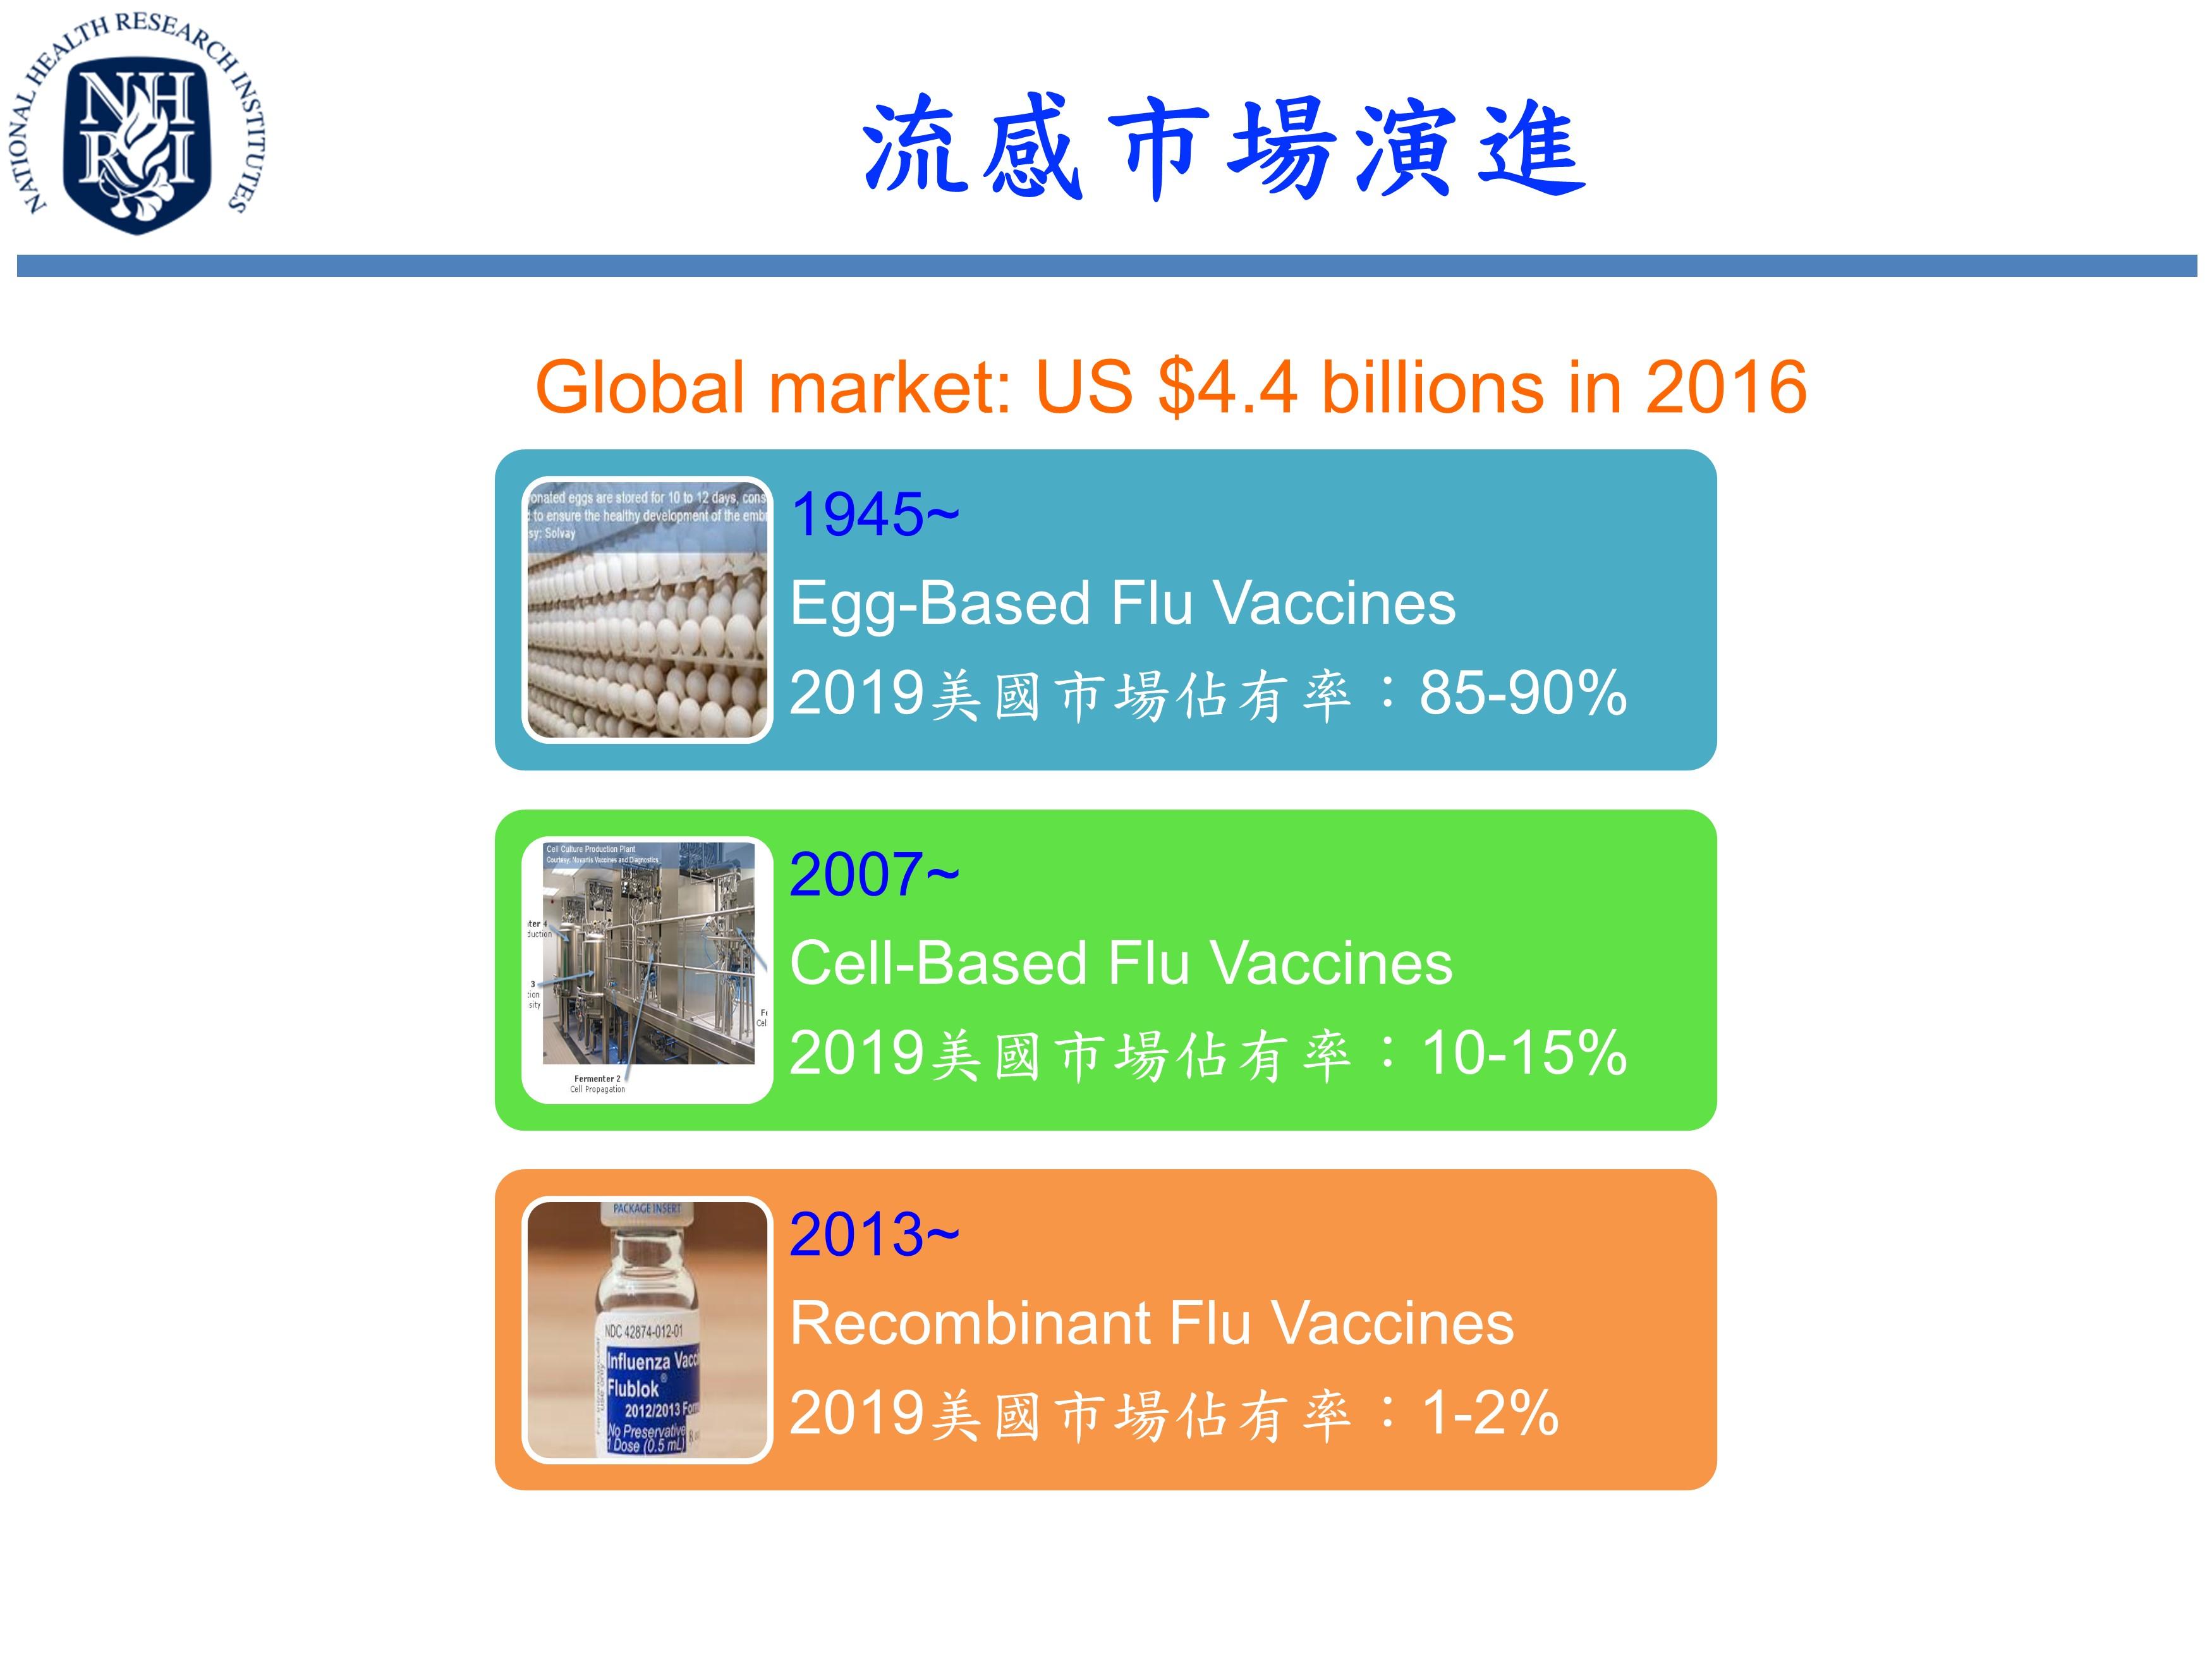 流感市場演進